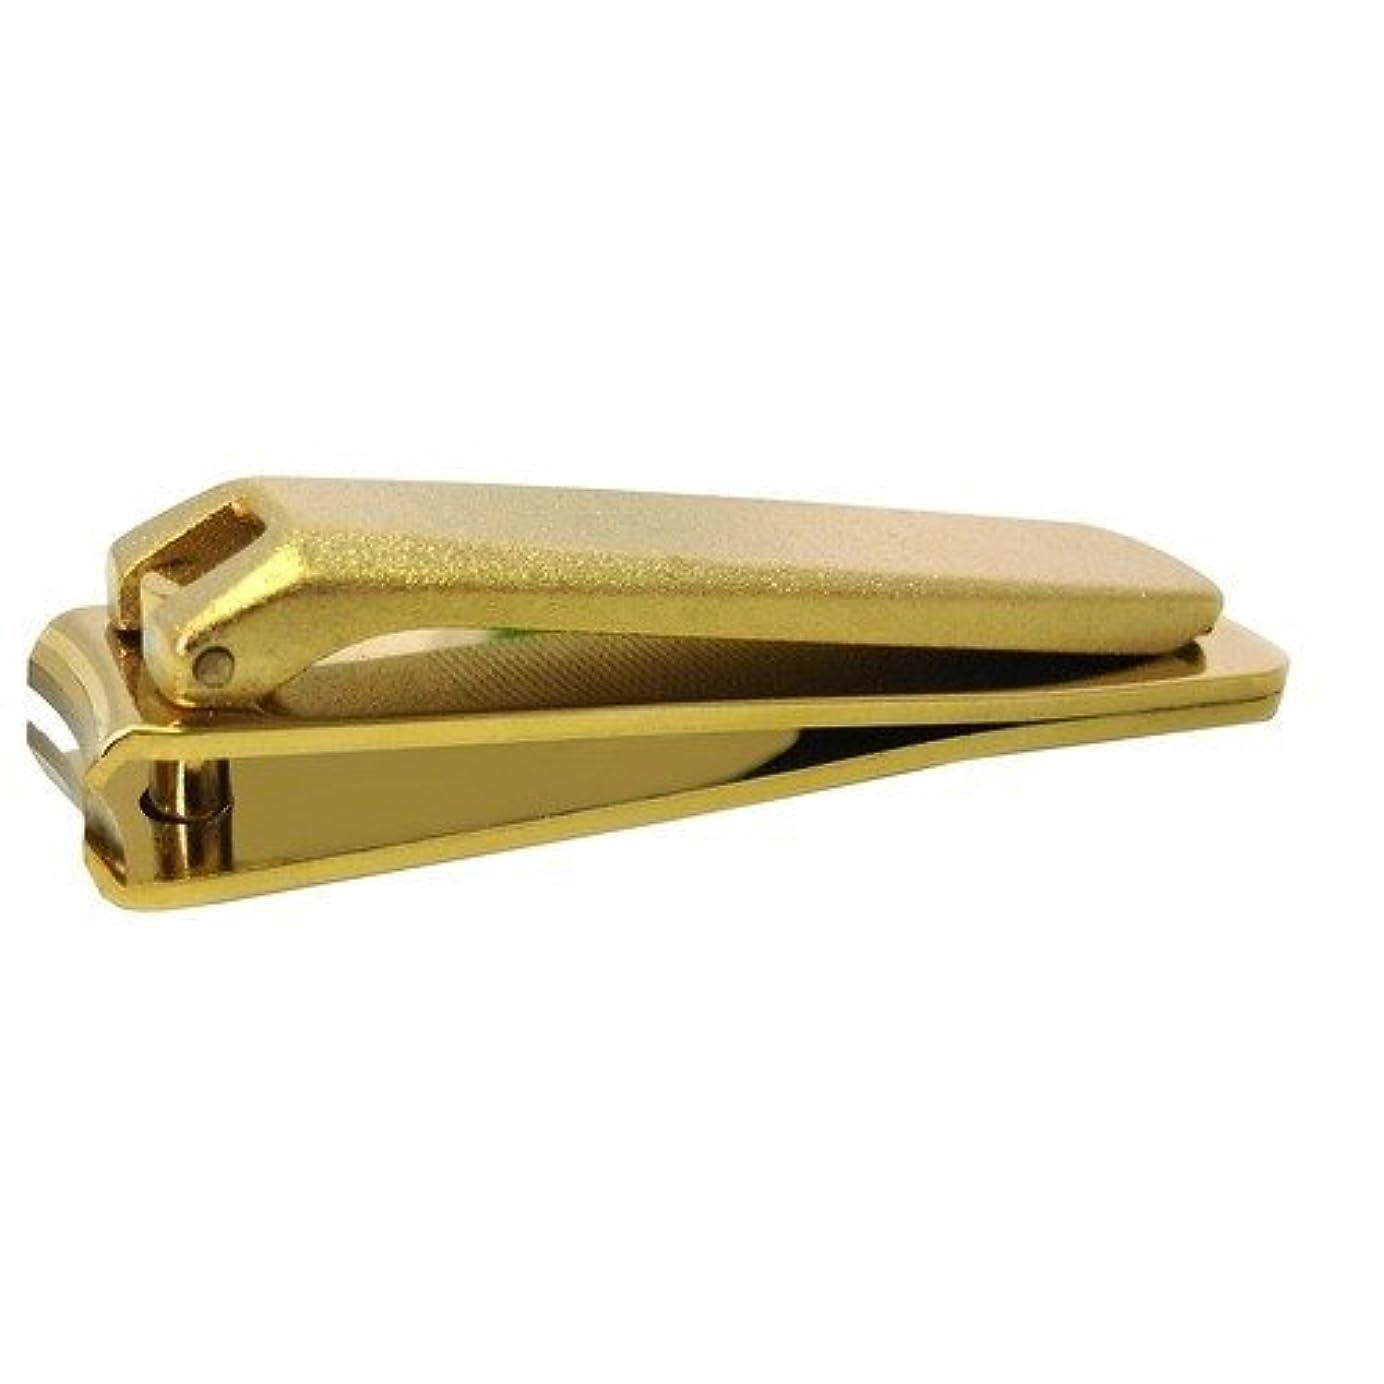 空カテナスキップKD-031 関の刃物 ゴールド爪切 小 カバー無